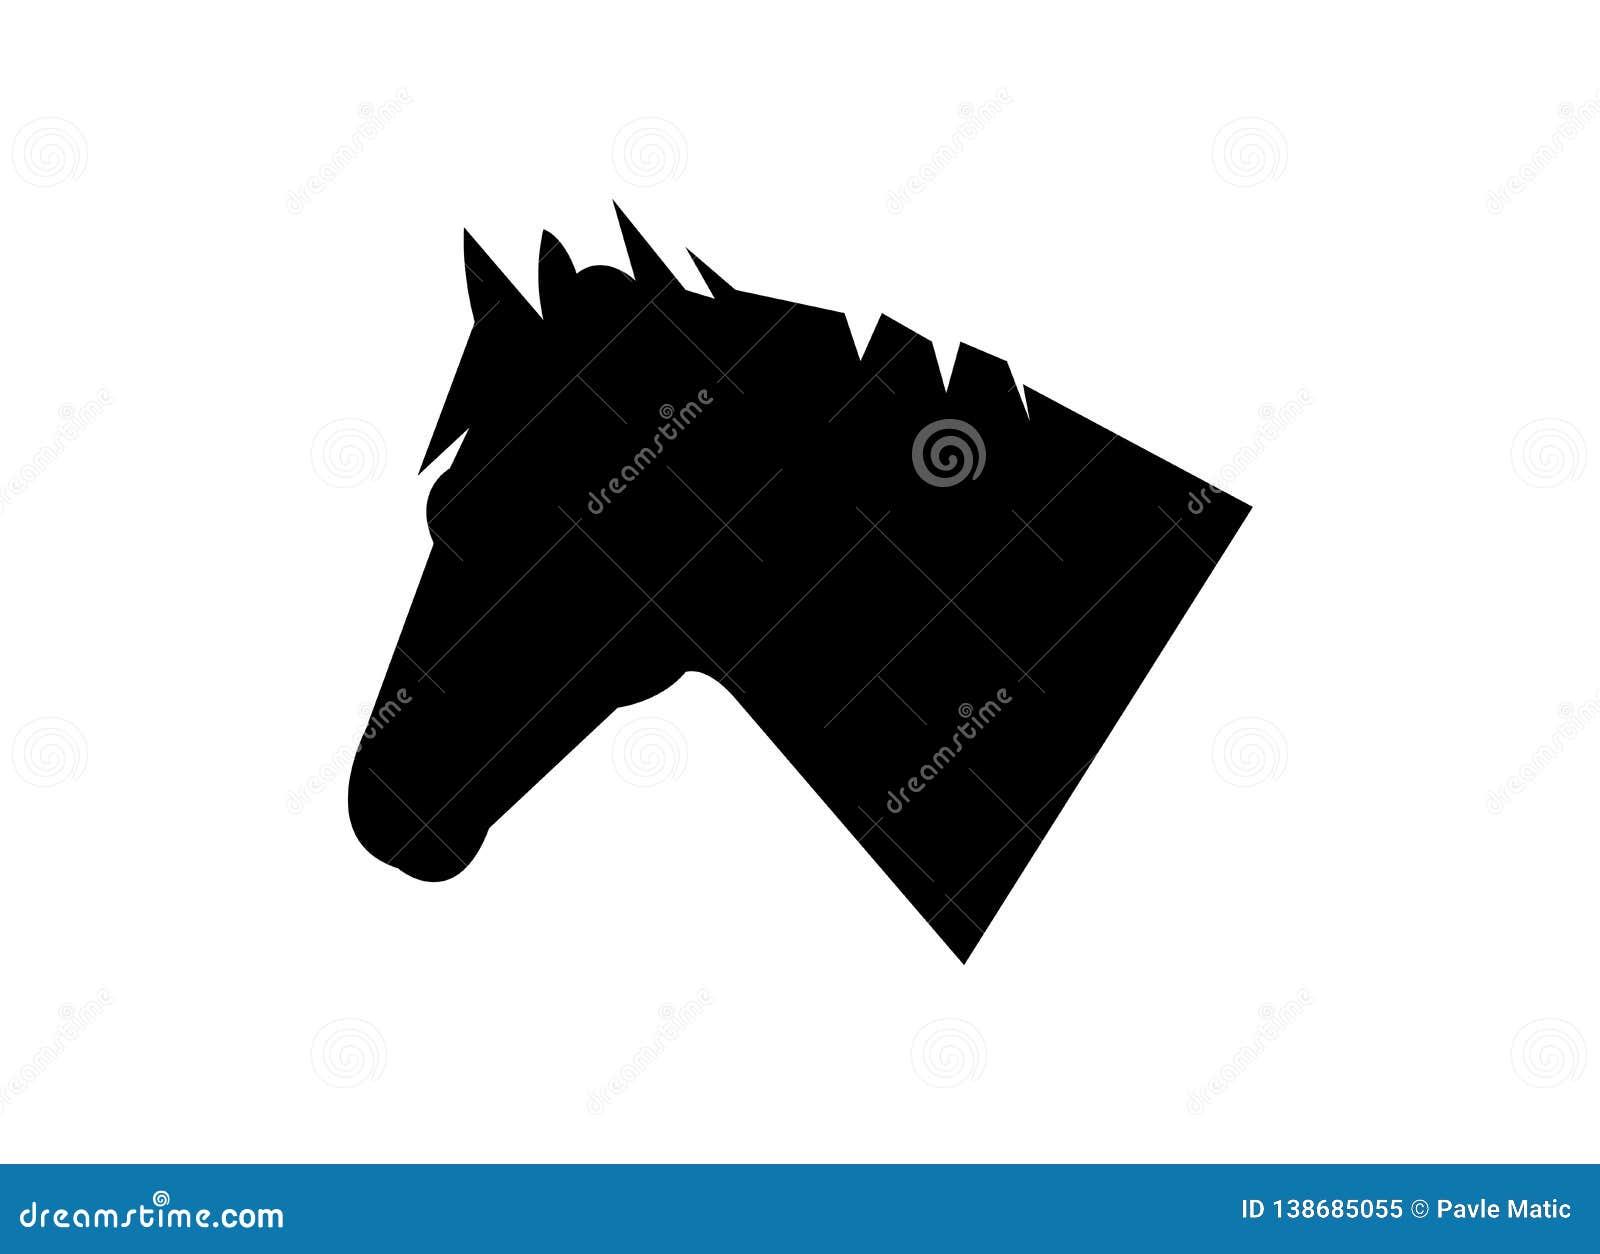 Vector Logo Icon Of A Horse Head Stock Vector Illustration Of Mammal Contour 138685055